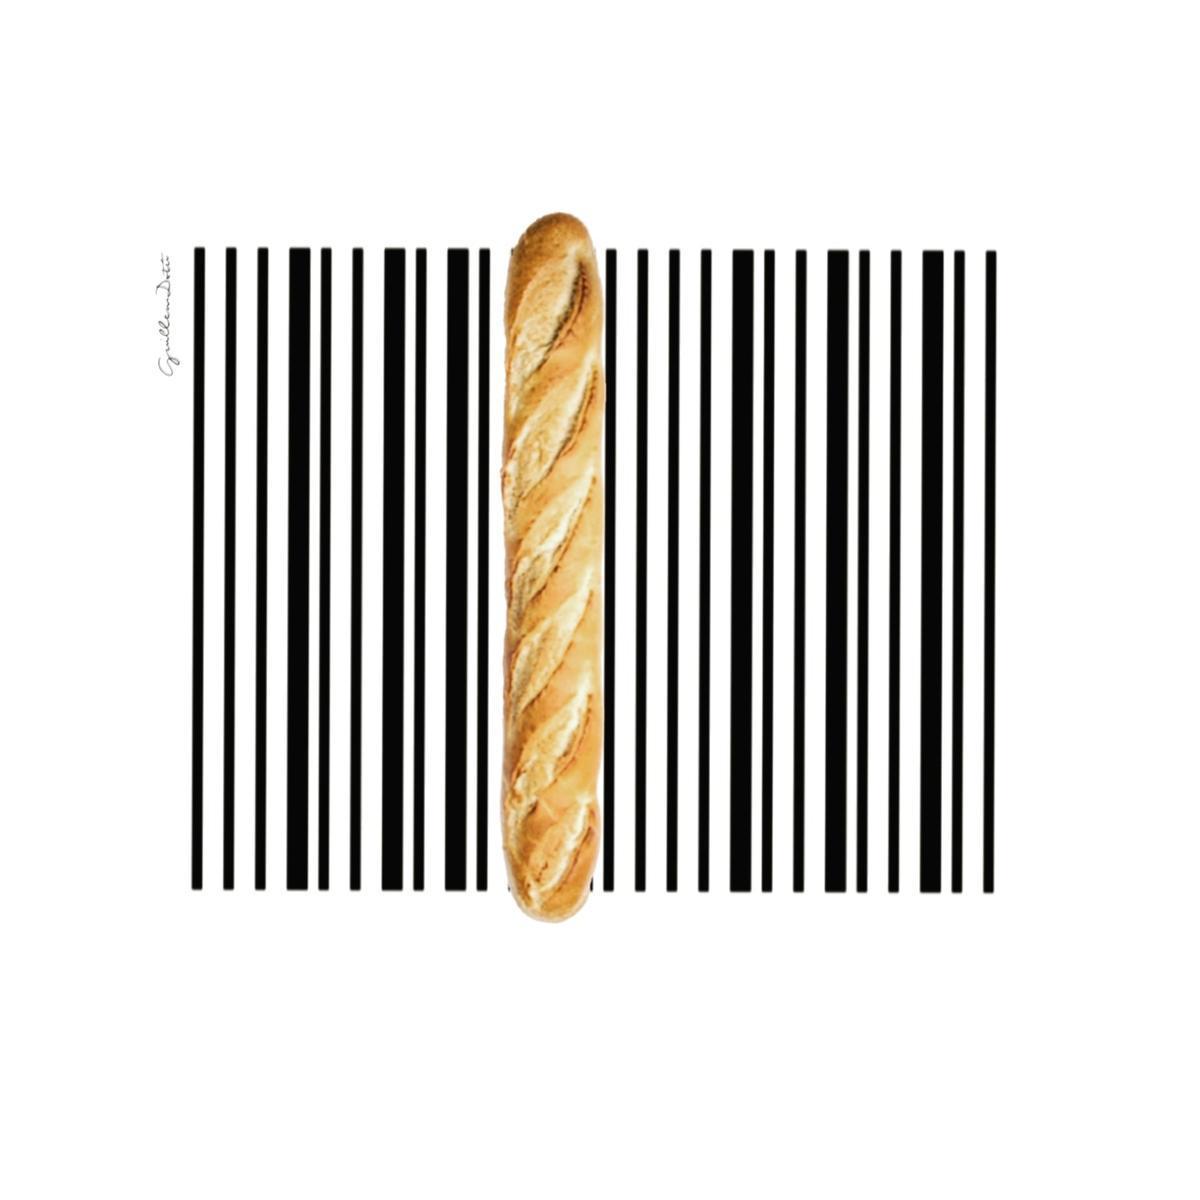 'Código de barras', poema visual de Guillem Dotú